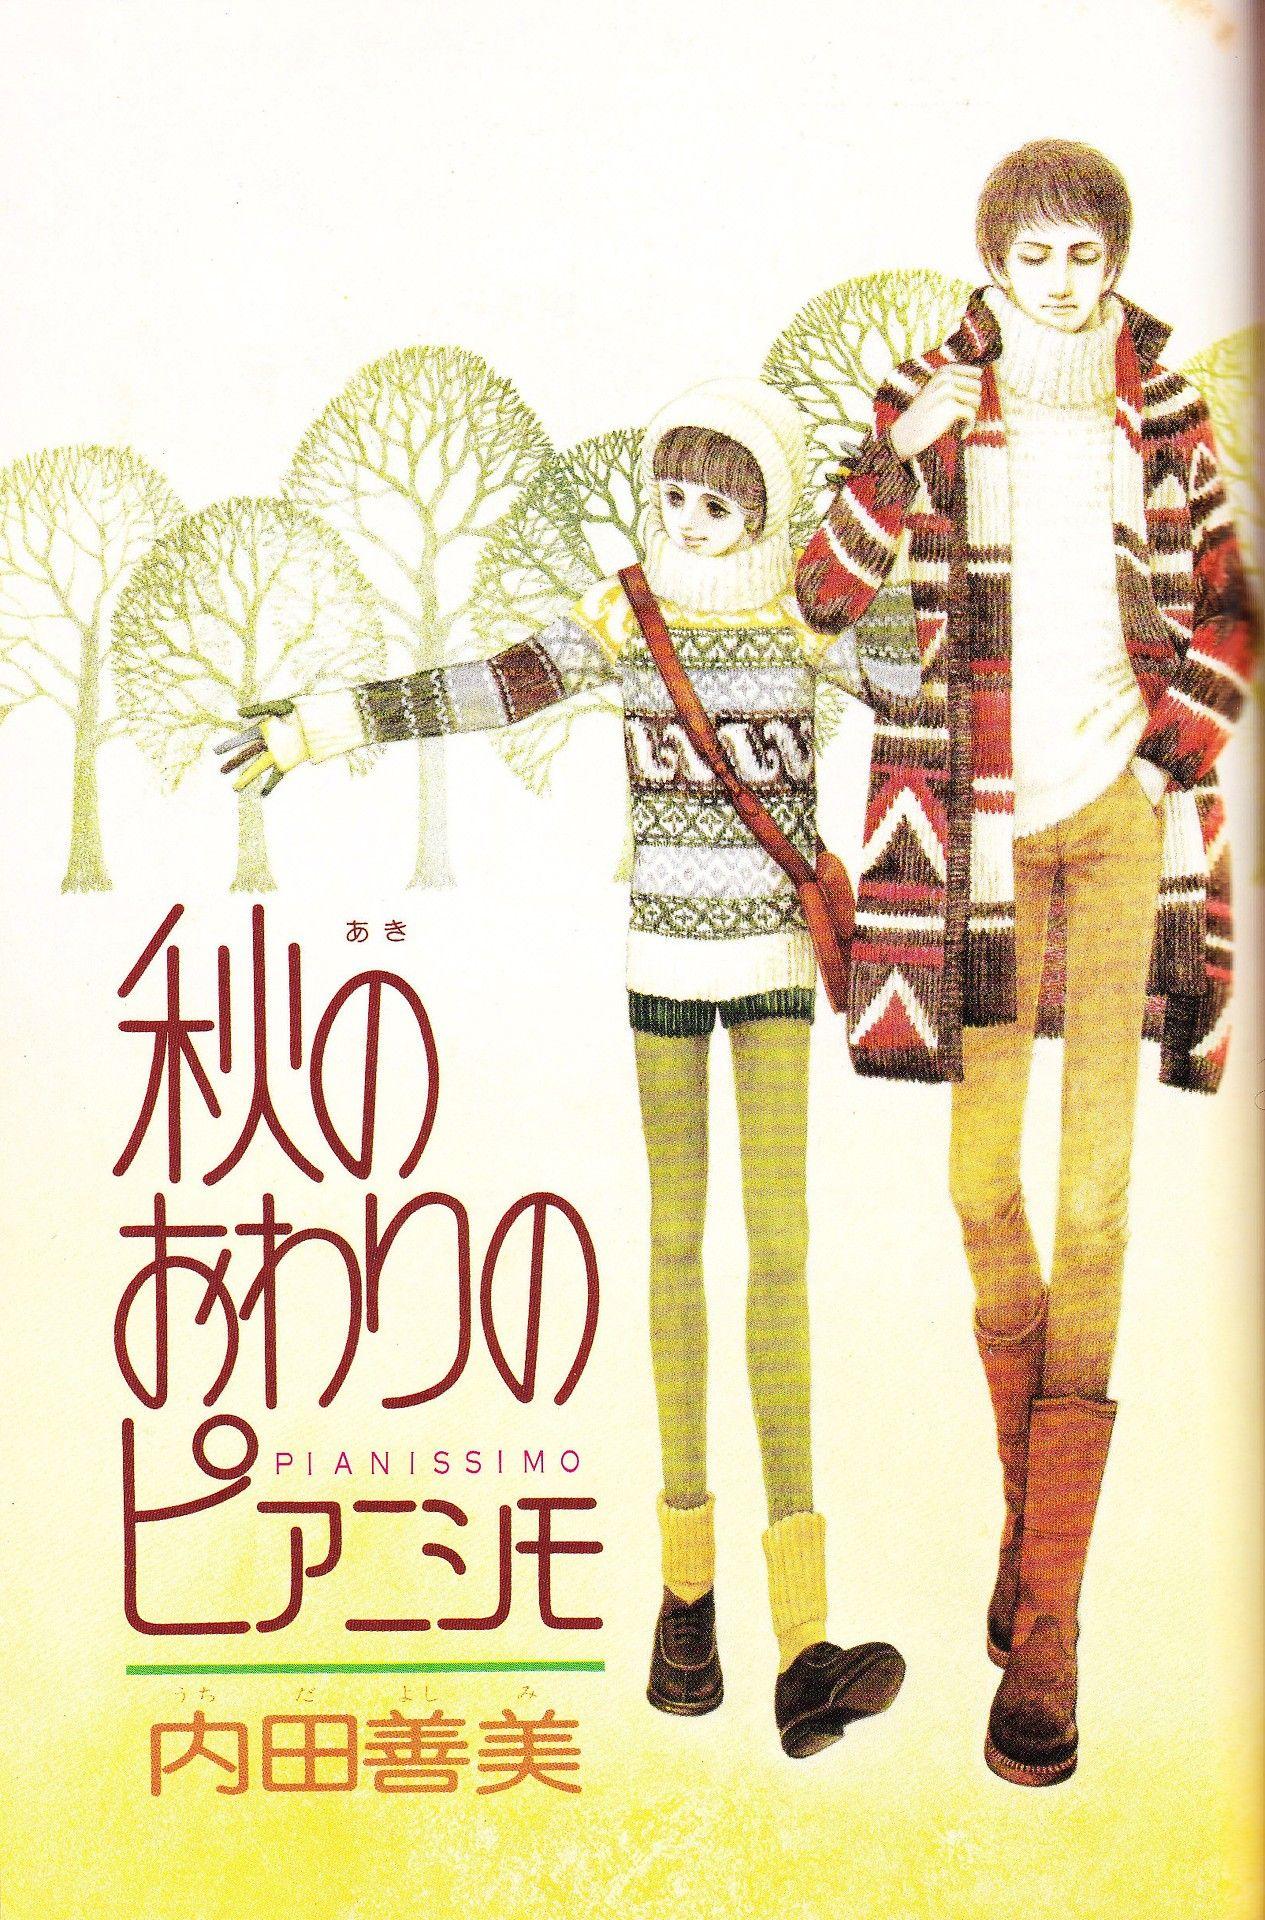 内田善美 秋のおわりのピアニシモ 1976年 りぼんデラックス 秋の号